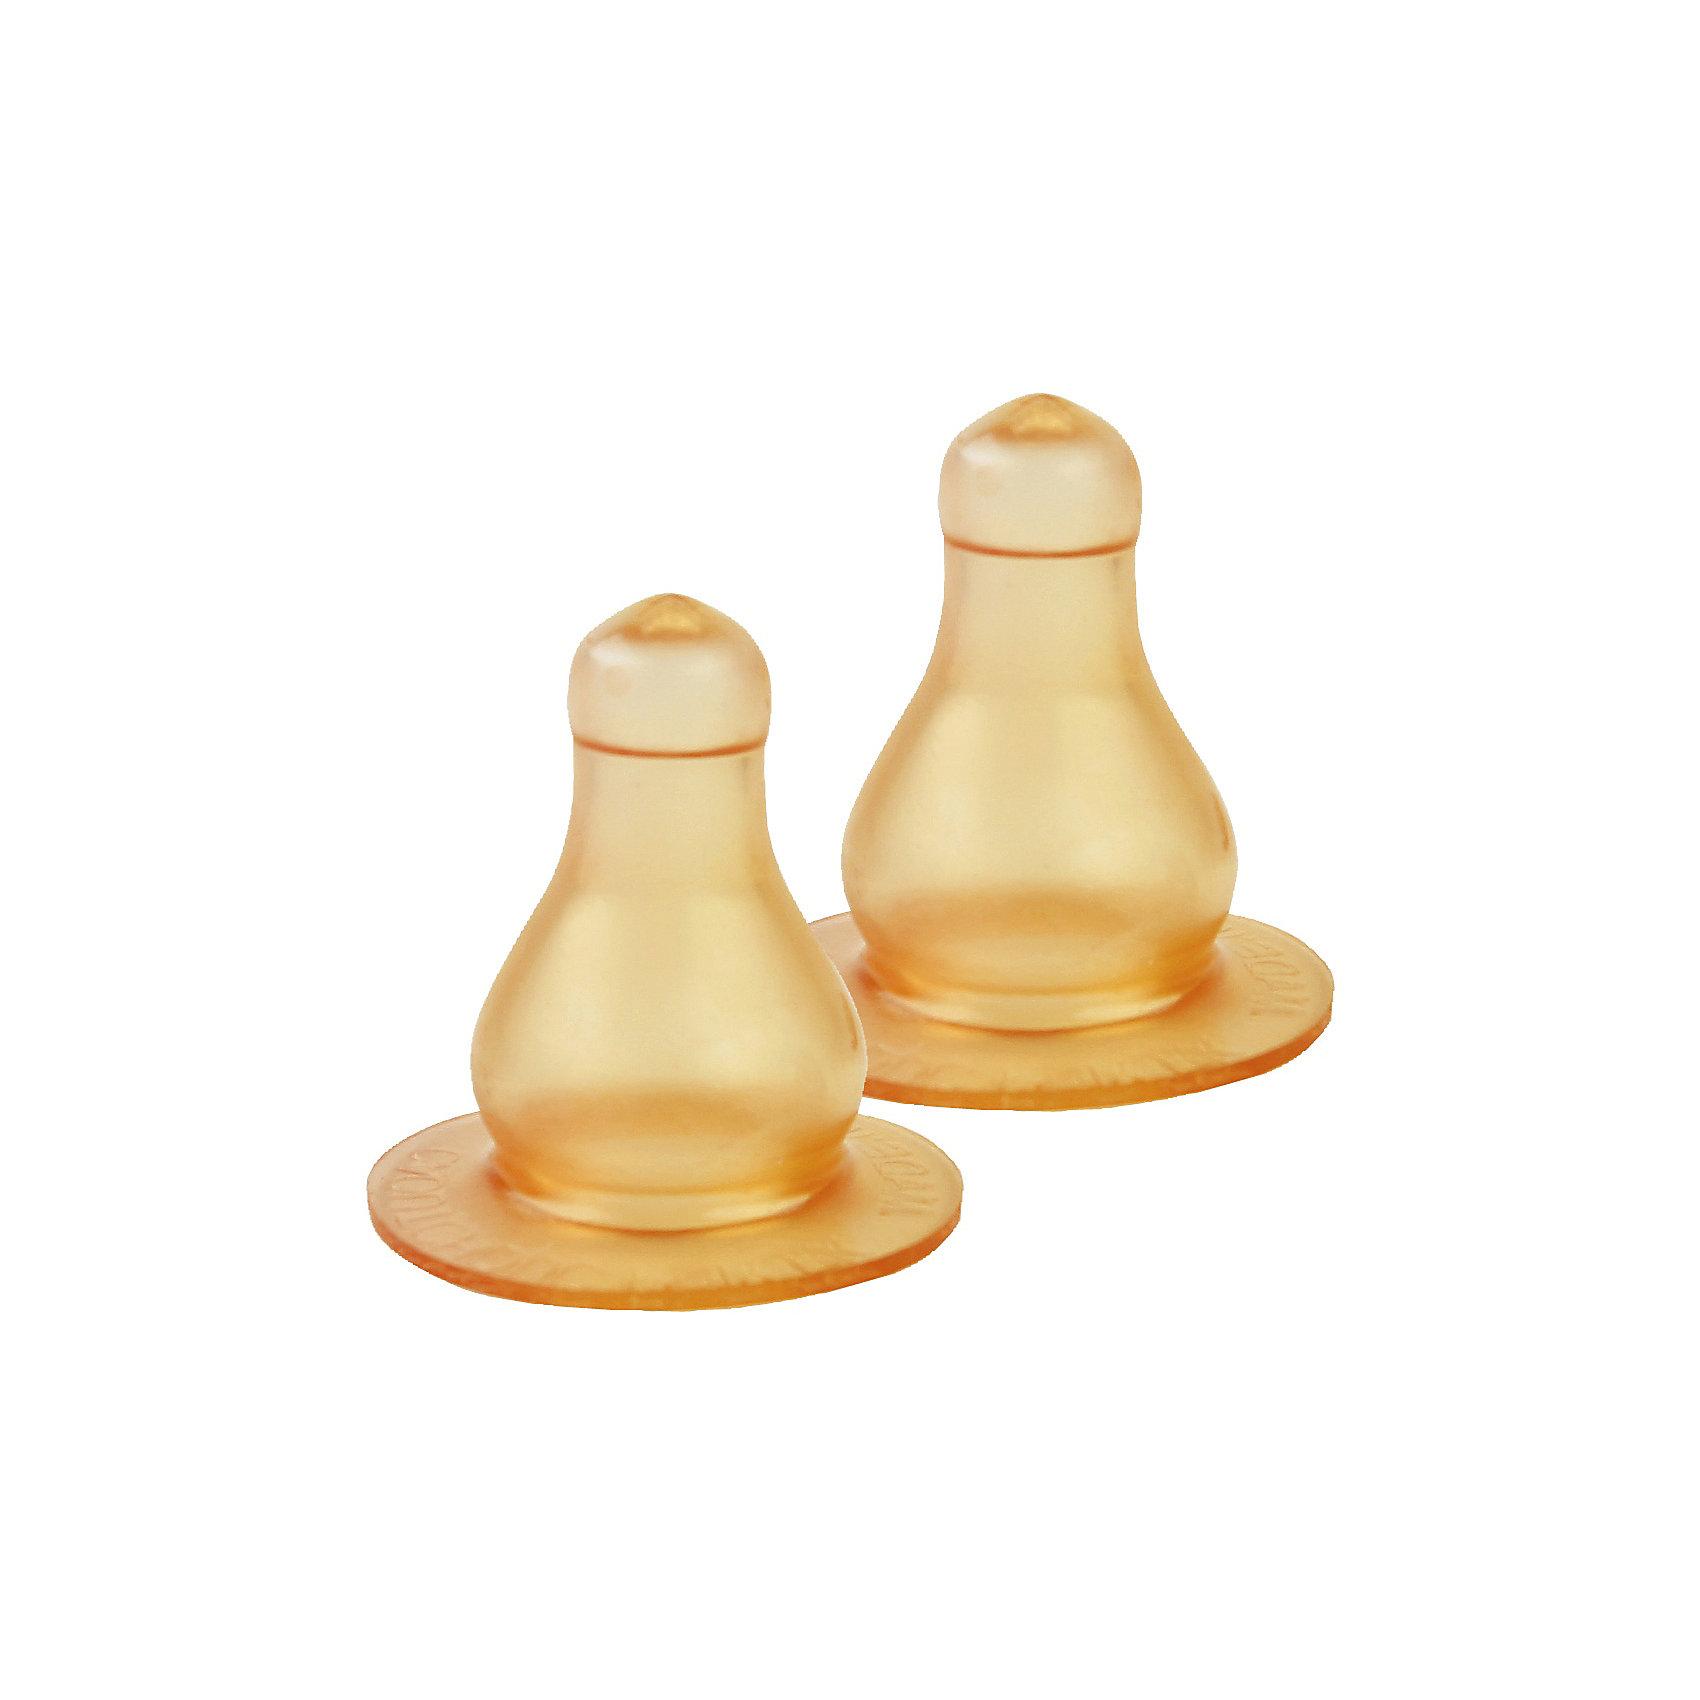 Соска латексная большого размера со средним отверстием, КурносикиБутылочки и аксессуары<br>Соска латексная большого размера со средним отверстием, Курносики.<br><br>Характеристики:<br><br>• Для детей с 6 месяцев<br>• В наборе: 2 соски<br>• Вид отверстия: среднее<br>• Материал: латекс<br>• Размер упаковки: 12х2х2 см.<br><br>Соски большого размера со средним отверстием имеют классическую форму. Они подходят для бутылочек со стандартным горлом. Оптимальны для густого питания: каш, соков, кисломолочных продуктов. Соски изготовлены из латекса - натурального, мягкого, упругого, эластичного материала, который идеален для правильного физиологического развития ротика малыша, по своим свойствам наиболее соответствует материнскому соску.<br><br>Соску латексную большого размера со средним отверстием, Курносики можно купить в нашем интернет-магазине.<br><br>Ширина мм: 0<br>Глубина мм: 0<br>Высота мм: 0<br>Вес г: 20<br>Возраст от месяцев: 6<br>Возраст до месяцев: 12<br>Пол: Унисекс<br>Возраст: Детский<br>SKU: 5439967